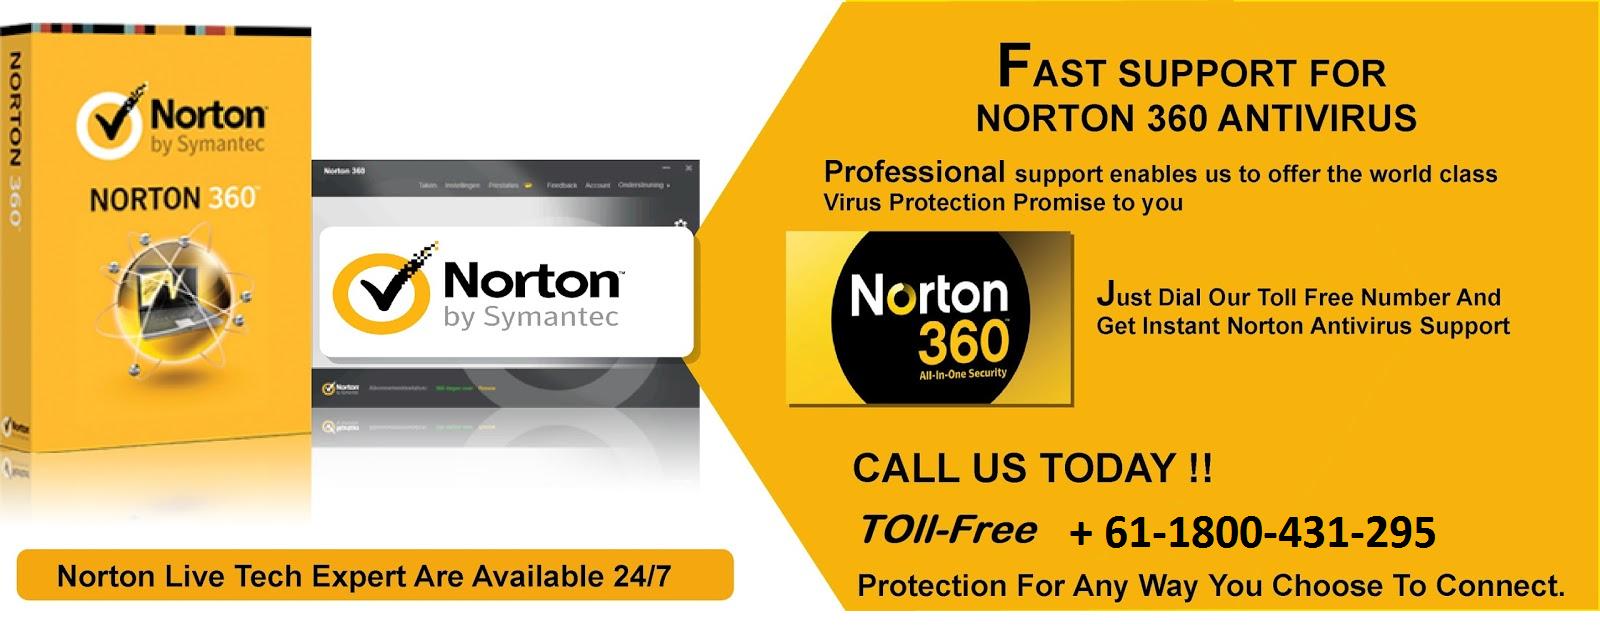 Norton support are providing online service in Australia  If